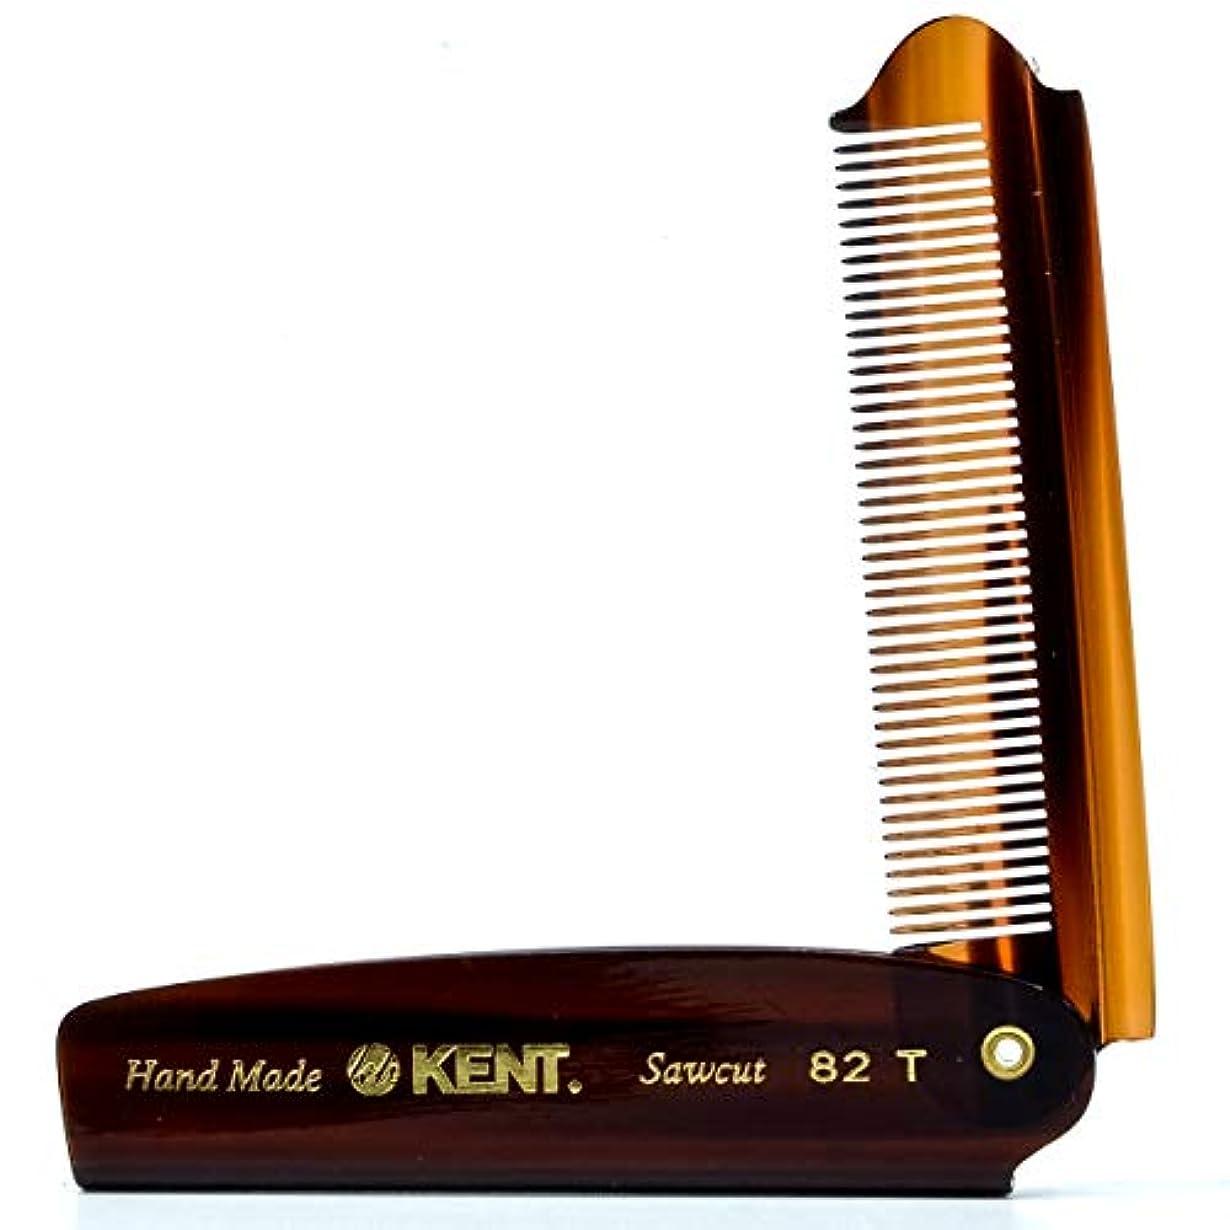 ライフル反乱嫌いKENT ケント 携帯用 メンズ 折りたたみ式 コーム 82T 細め イギリス製